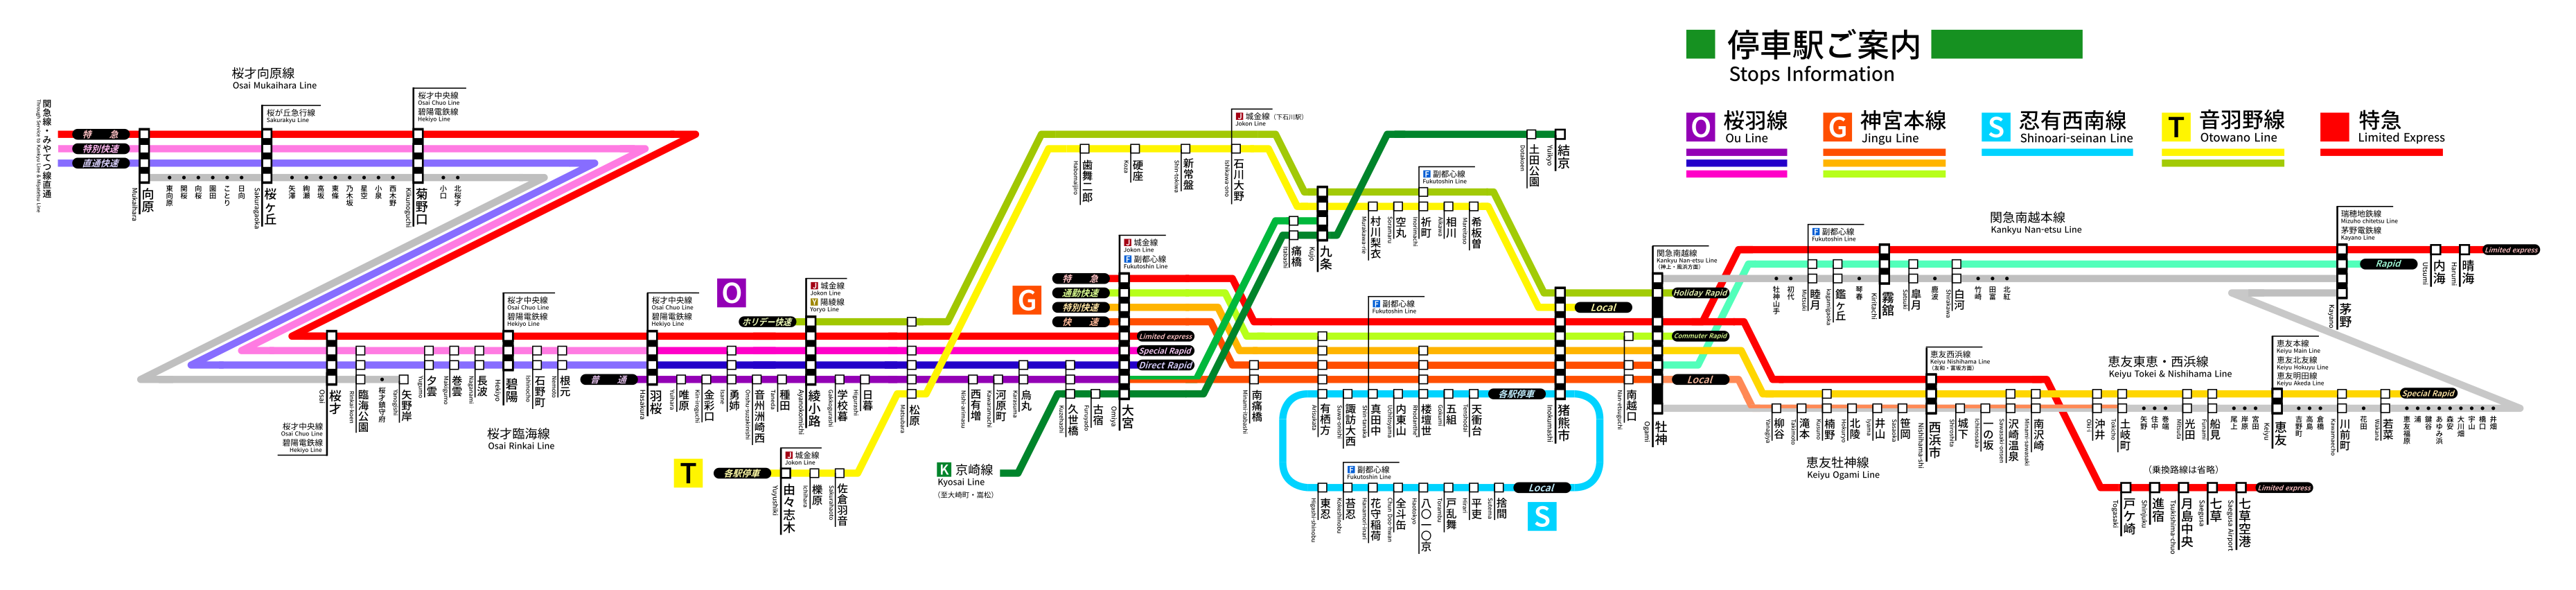 12話路線図(桜羽線系統)wiki.png